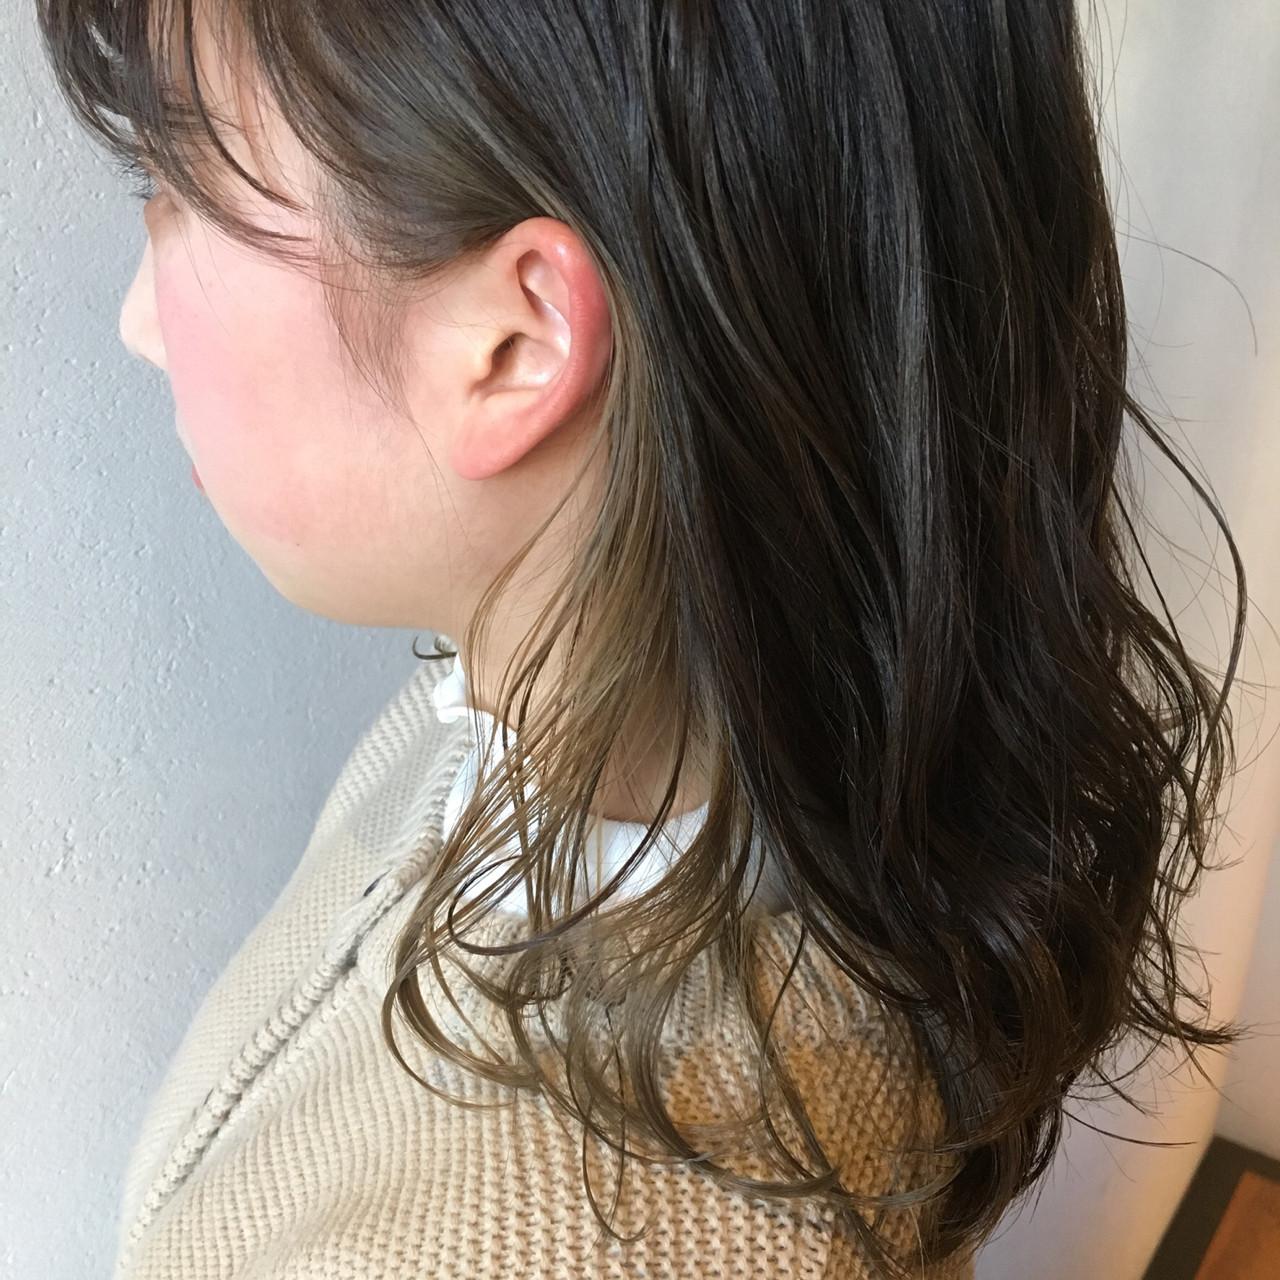 ミディアム インナーカラー ガーリー ミルクティーベージュ ヘアスタイルや髪型の写真・画像 | 岡本 光太 / Acotto Labas